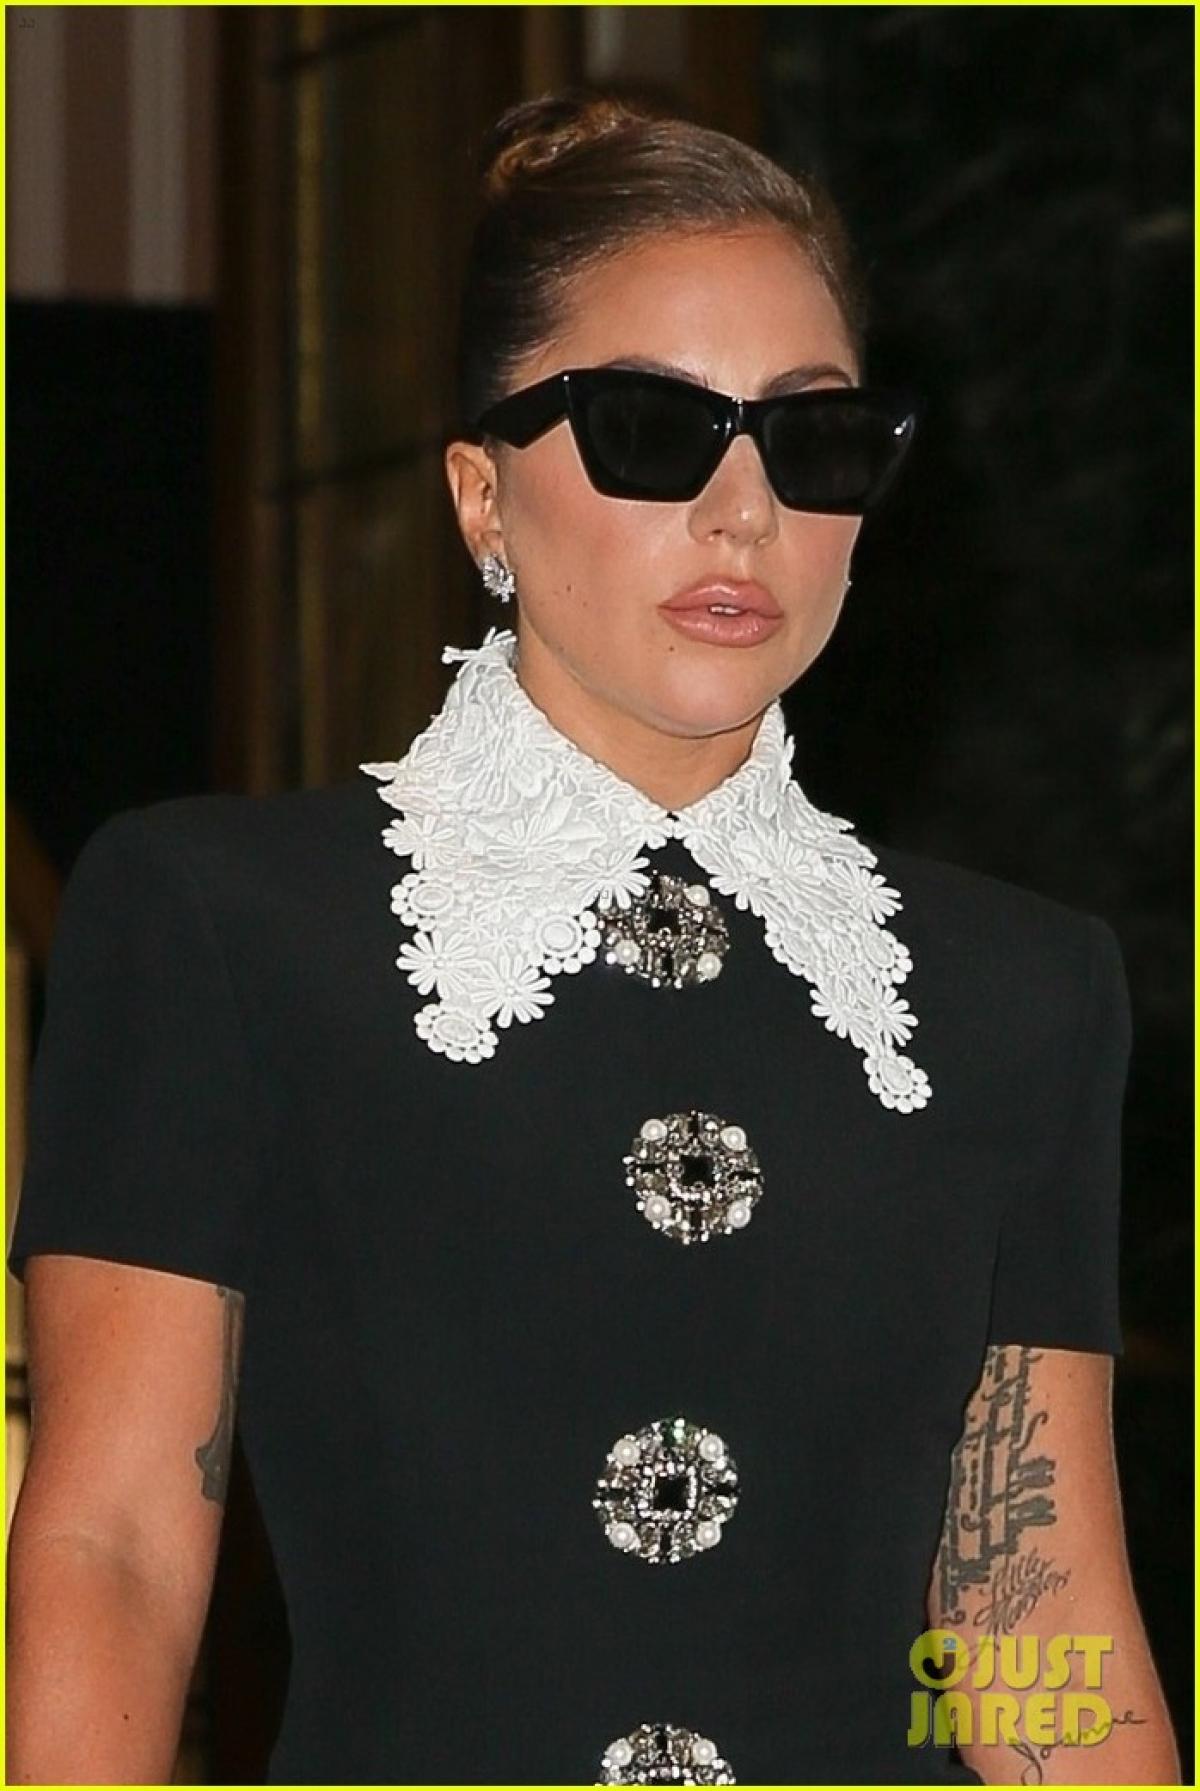 """Ngôi sao ca nhạc Lady Gaga giàu sang, quyền lực và ngông cuồng khi tái hiện chân dung người vợ sát hại Maurizio Gucci trong phim """"House of Gucci"""" (Gia tộc Gucci)."""